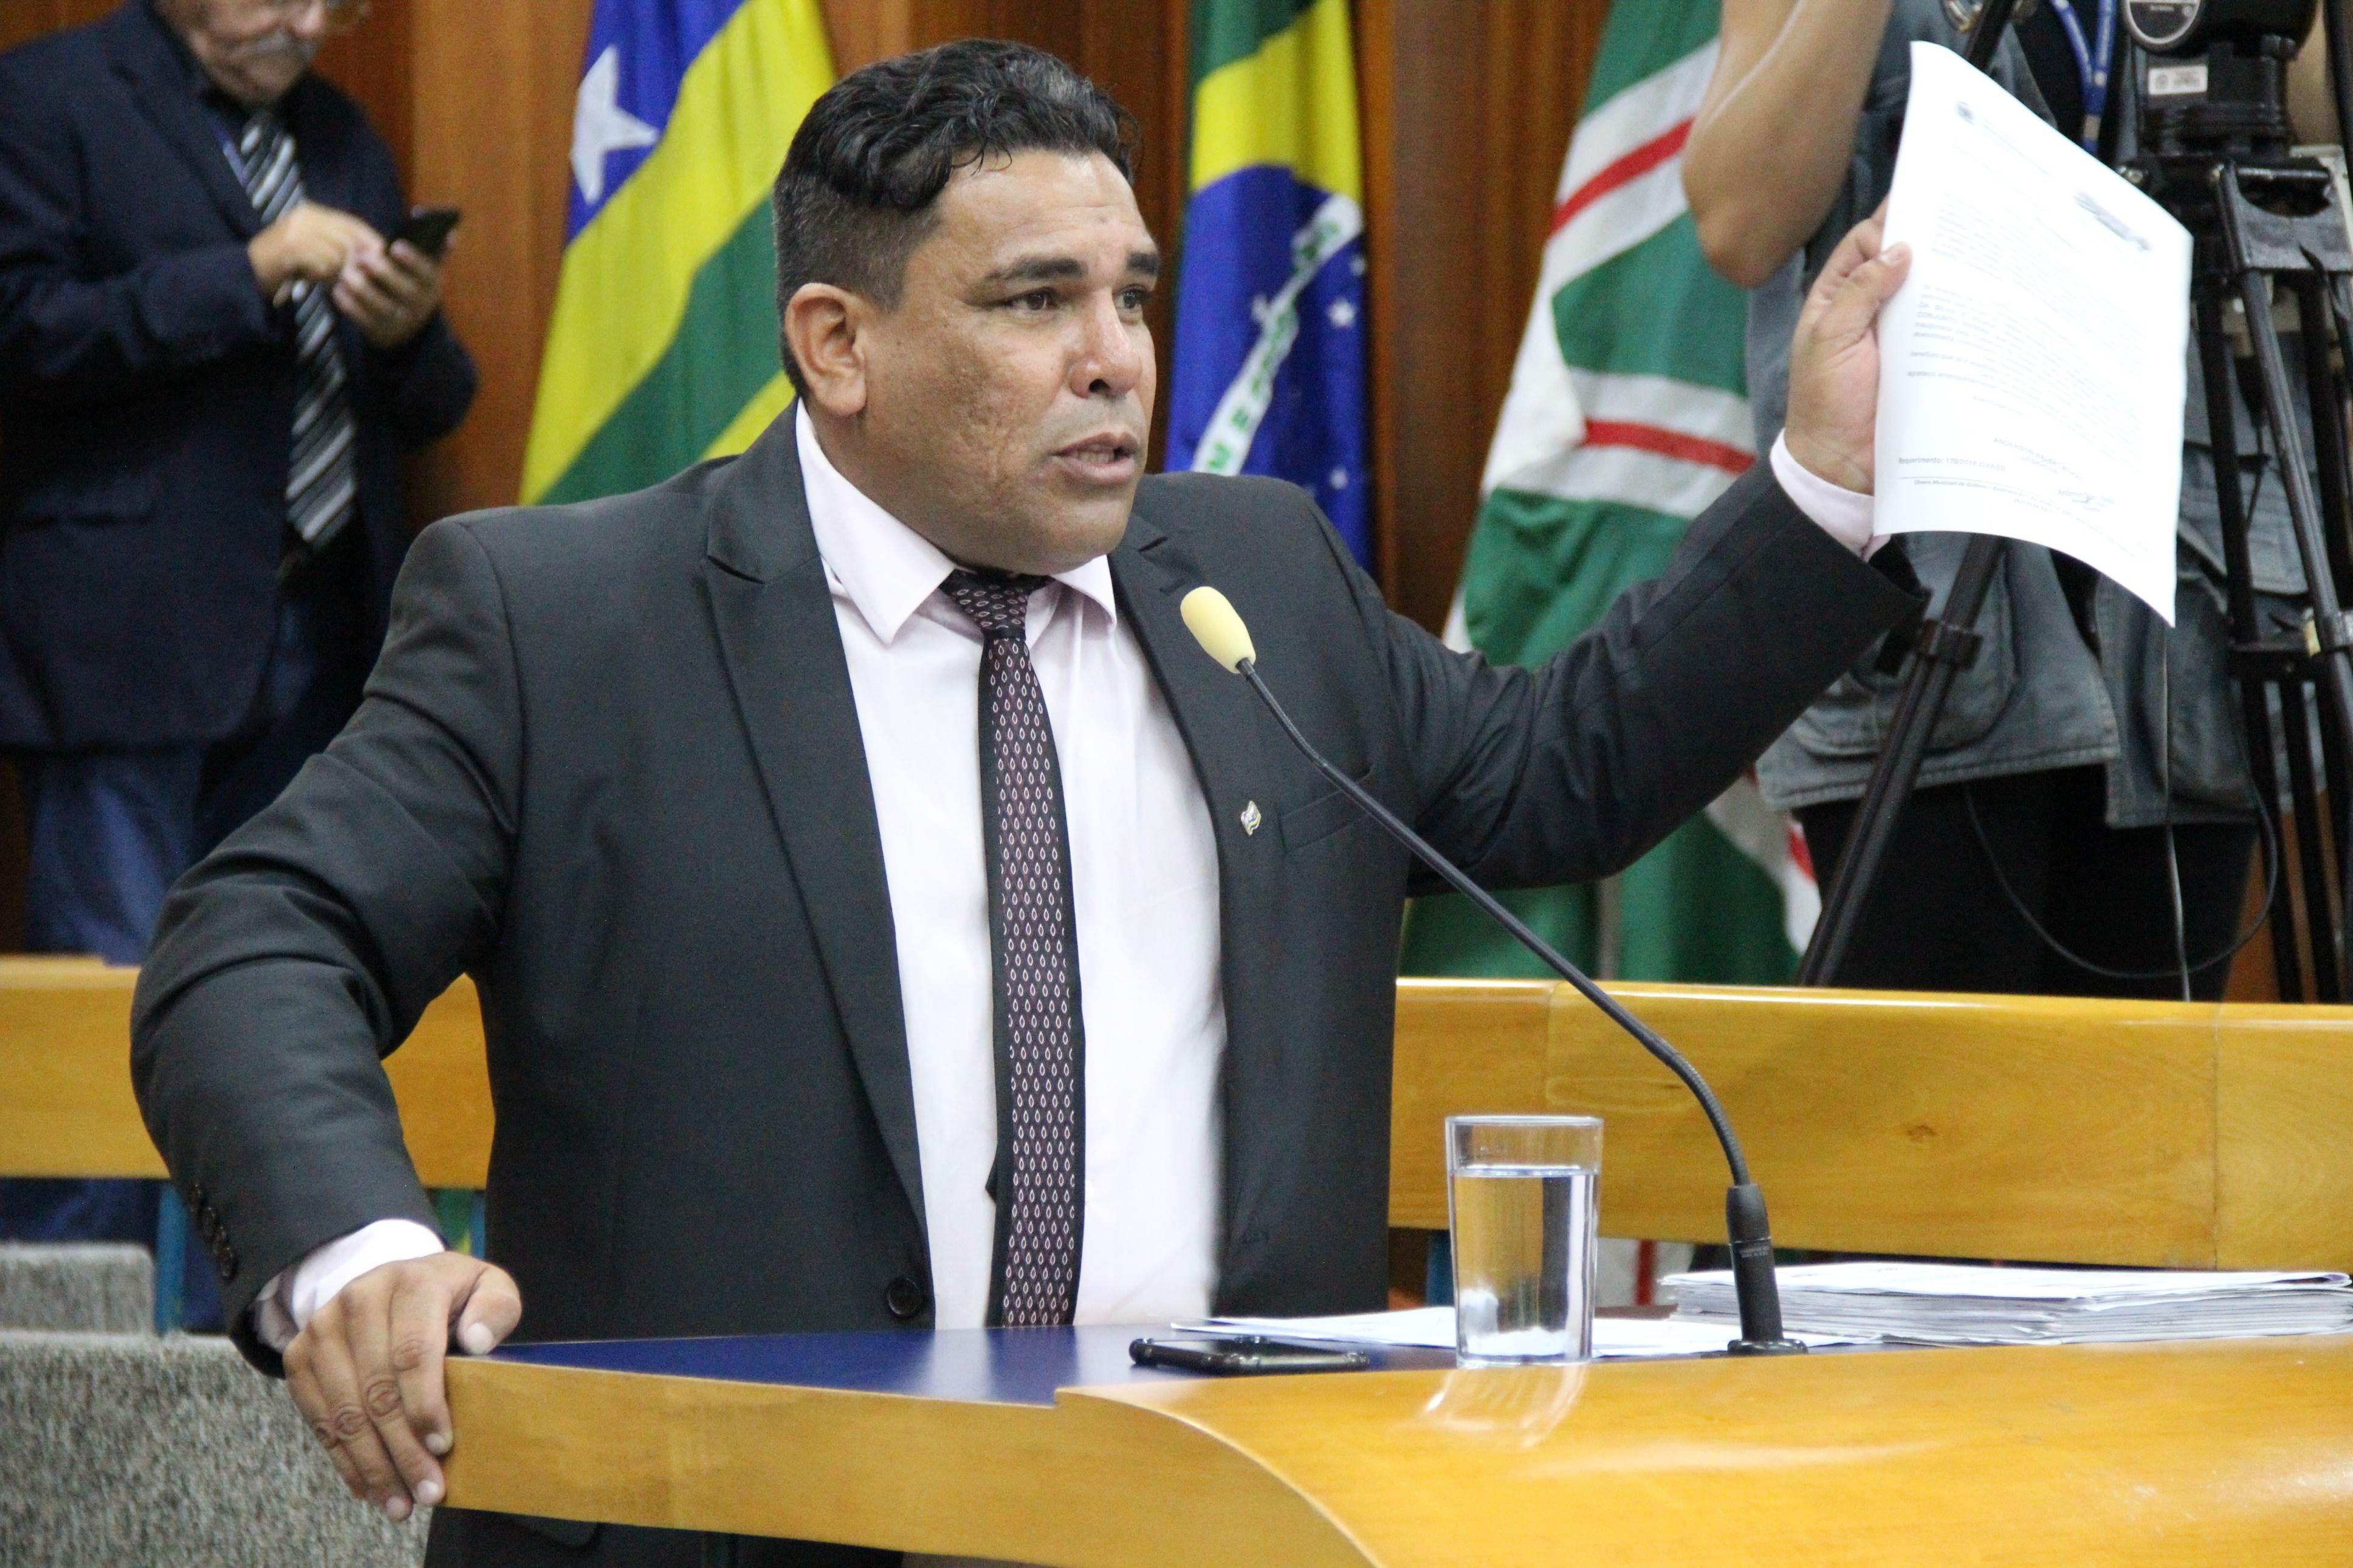 Vereador Anderson Sales Bokão (PSDC) | Foto: Câmara de Goiânia